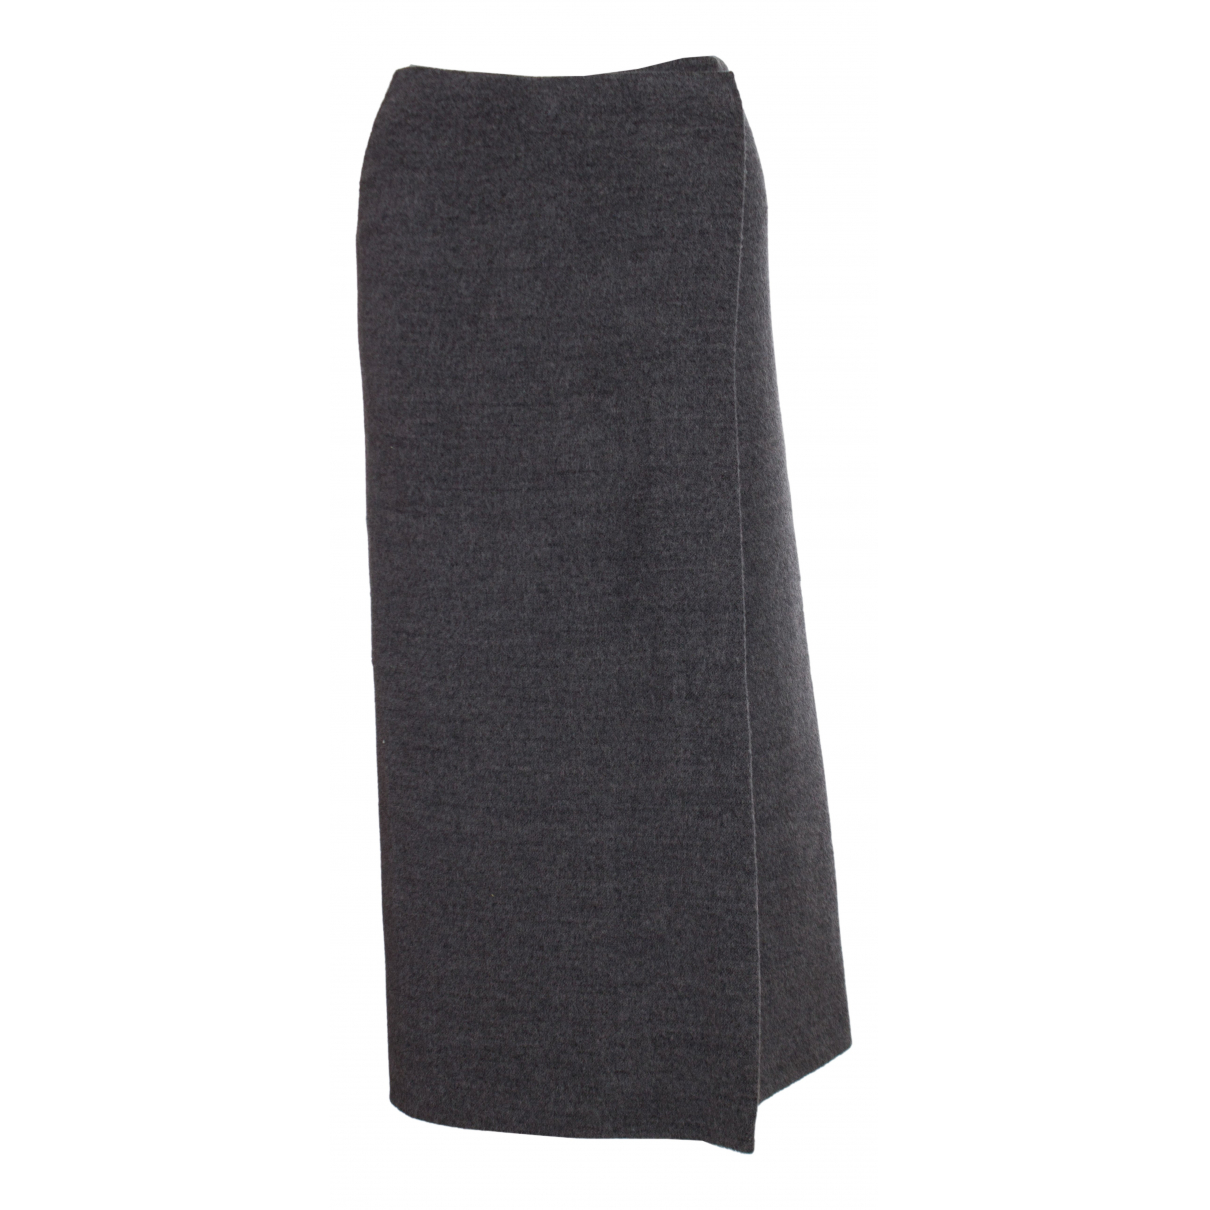 Yohji Yamamoto - Jupe   pour femme en laine - gris